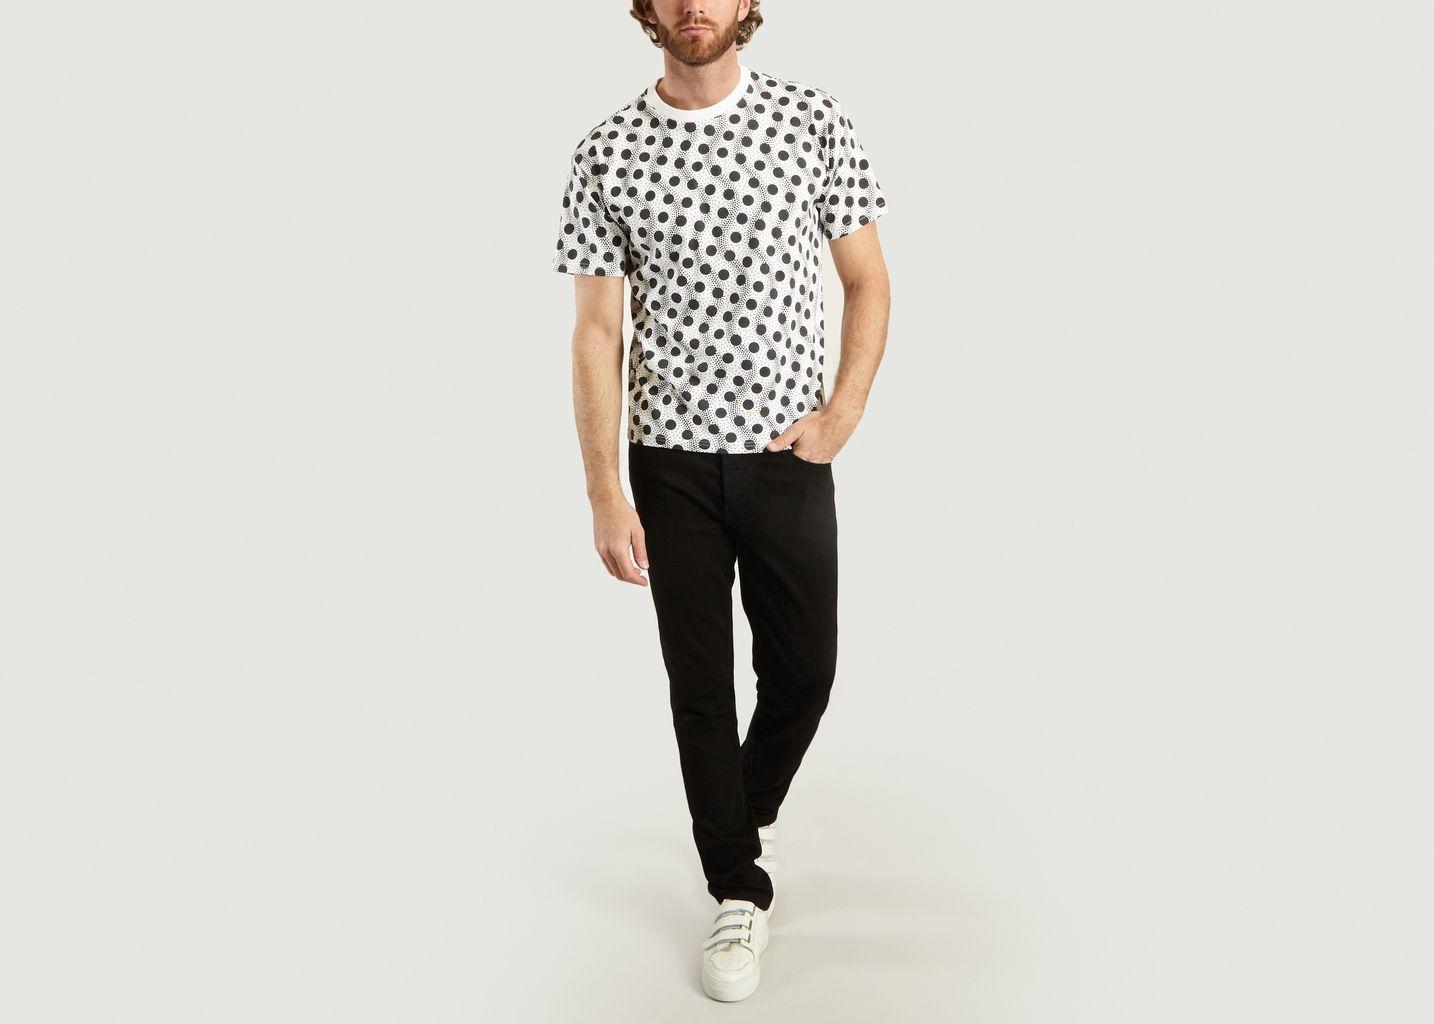 T-Shirt Wavy Dots - Kenzo